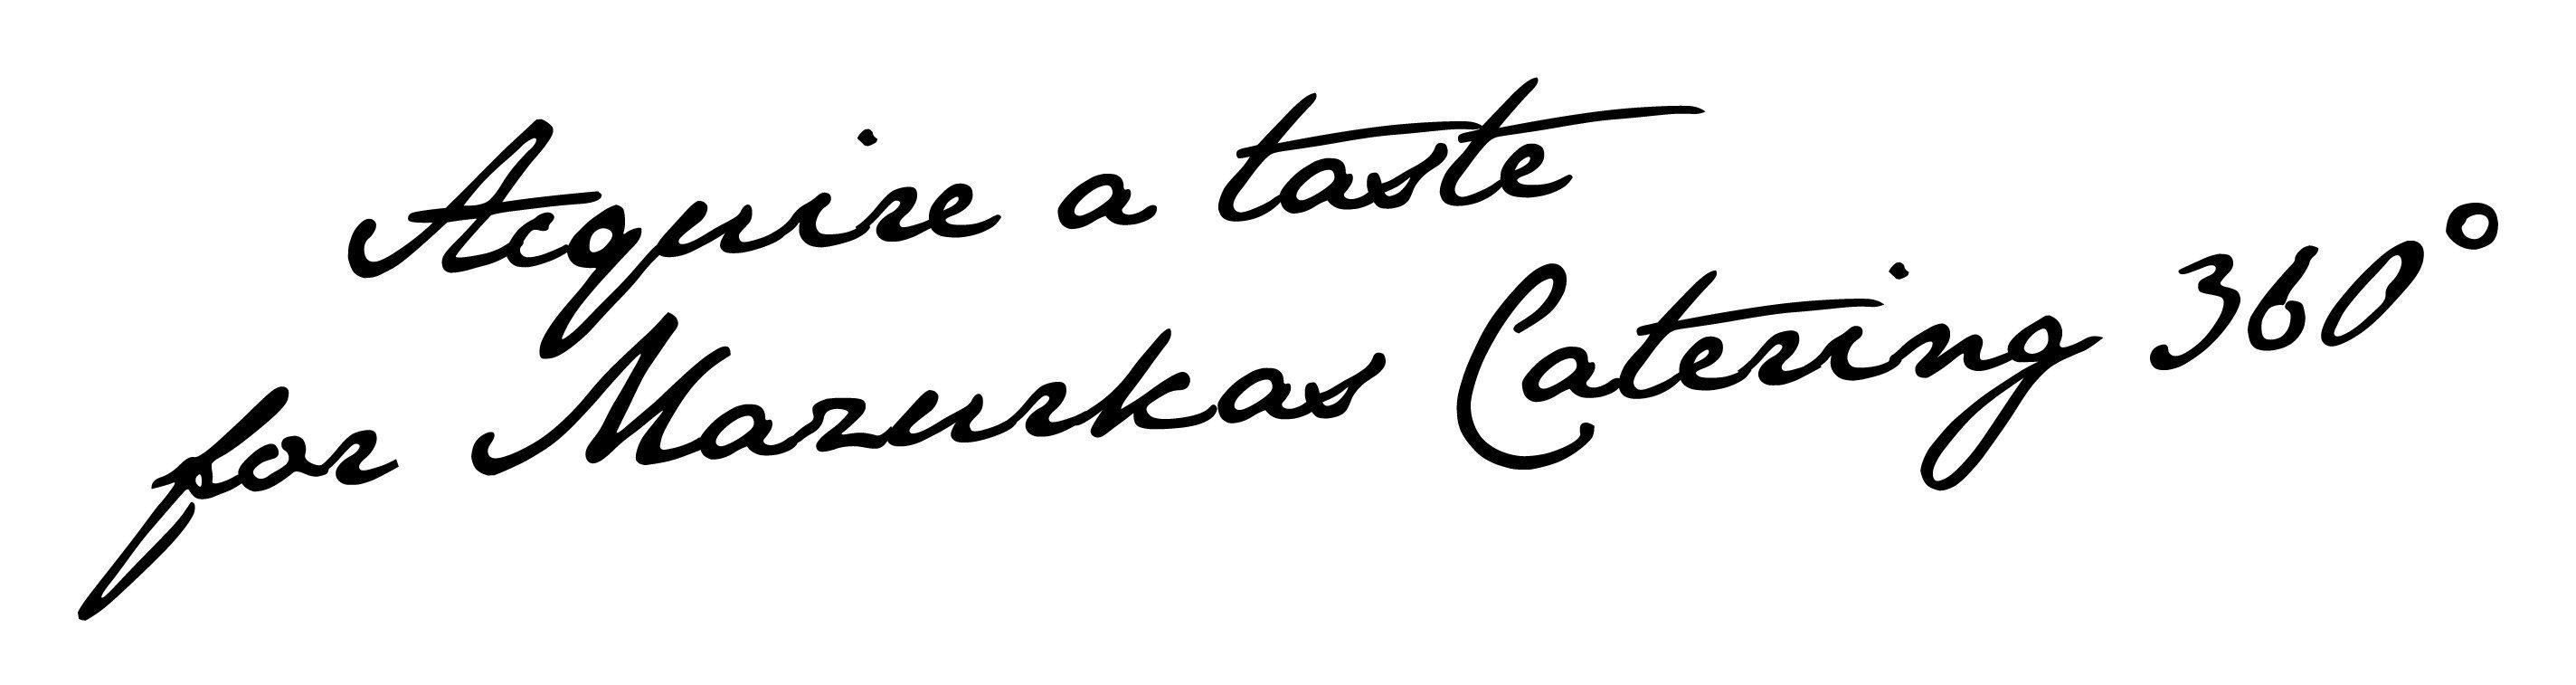 Rozsmakuj się w Mazurkas Catering 360